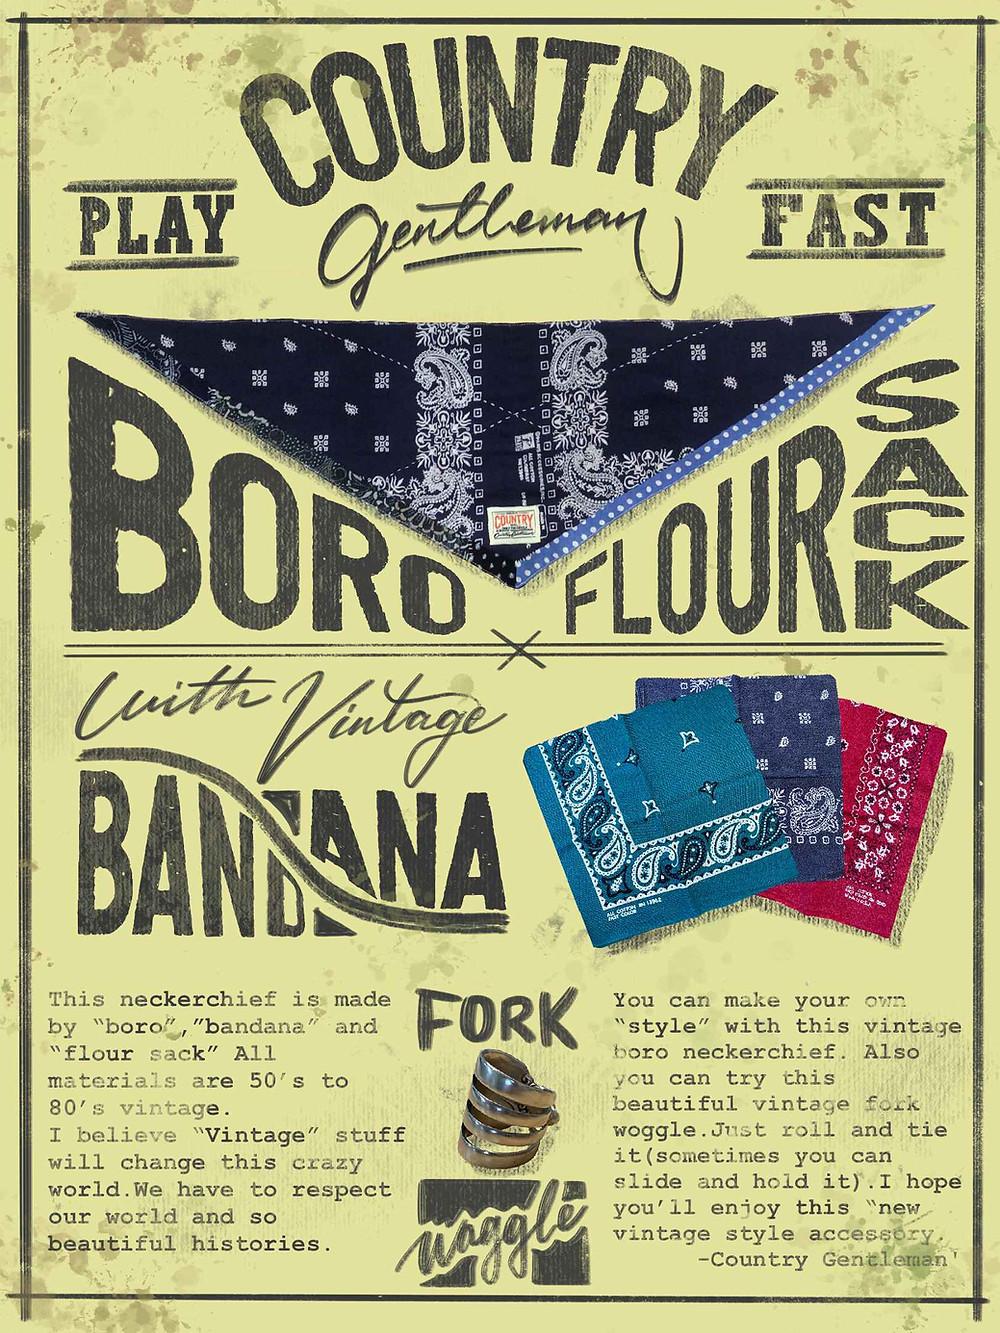 ヴィンテージボロネッカチーフの広告